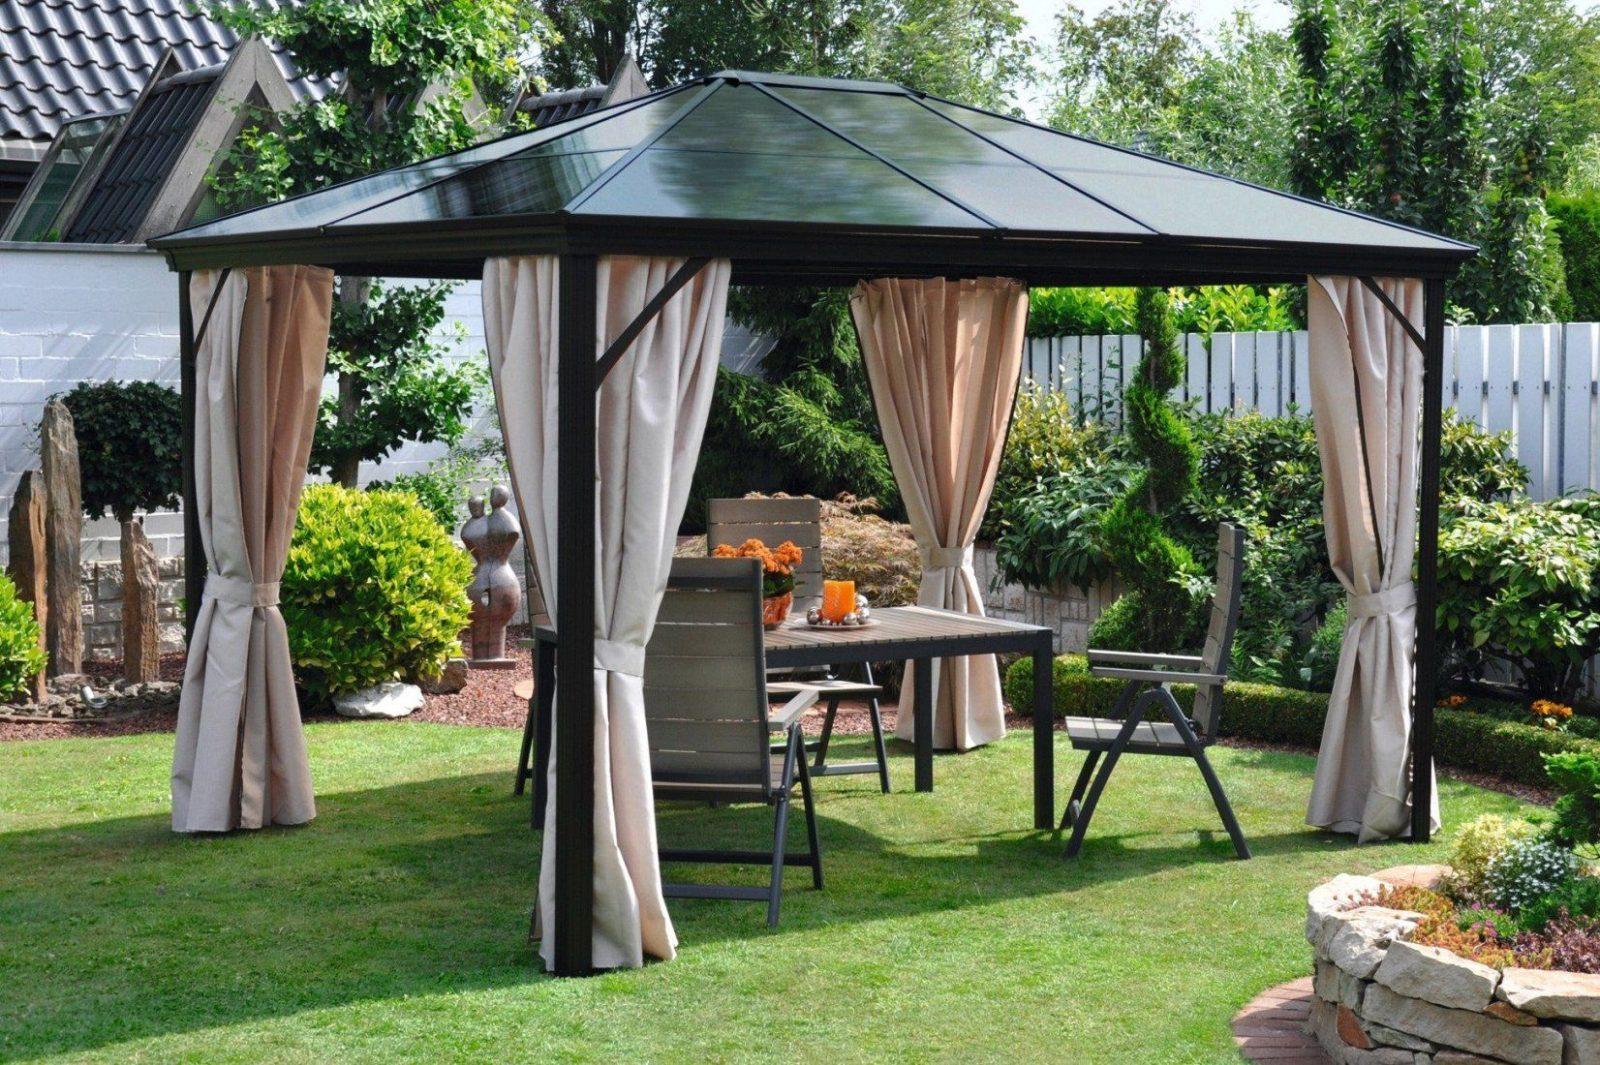 Metall Pavillon Mit Festem Dach von Metall Pavillon Mit Festem Dach Photo